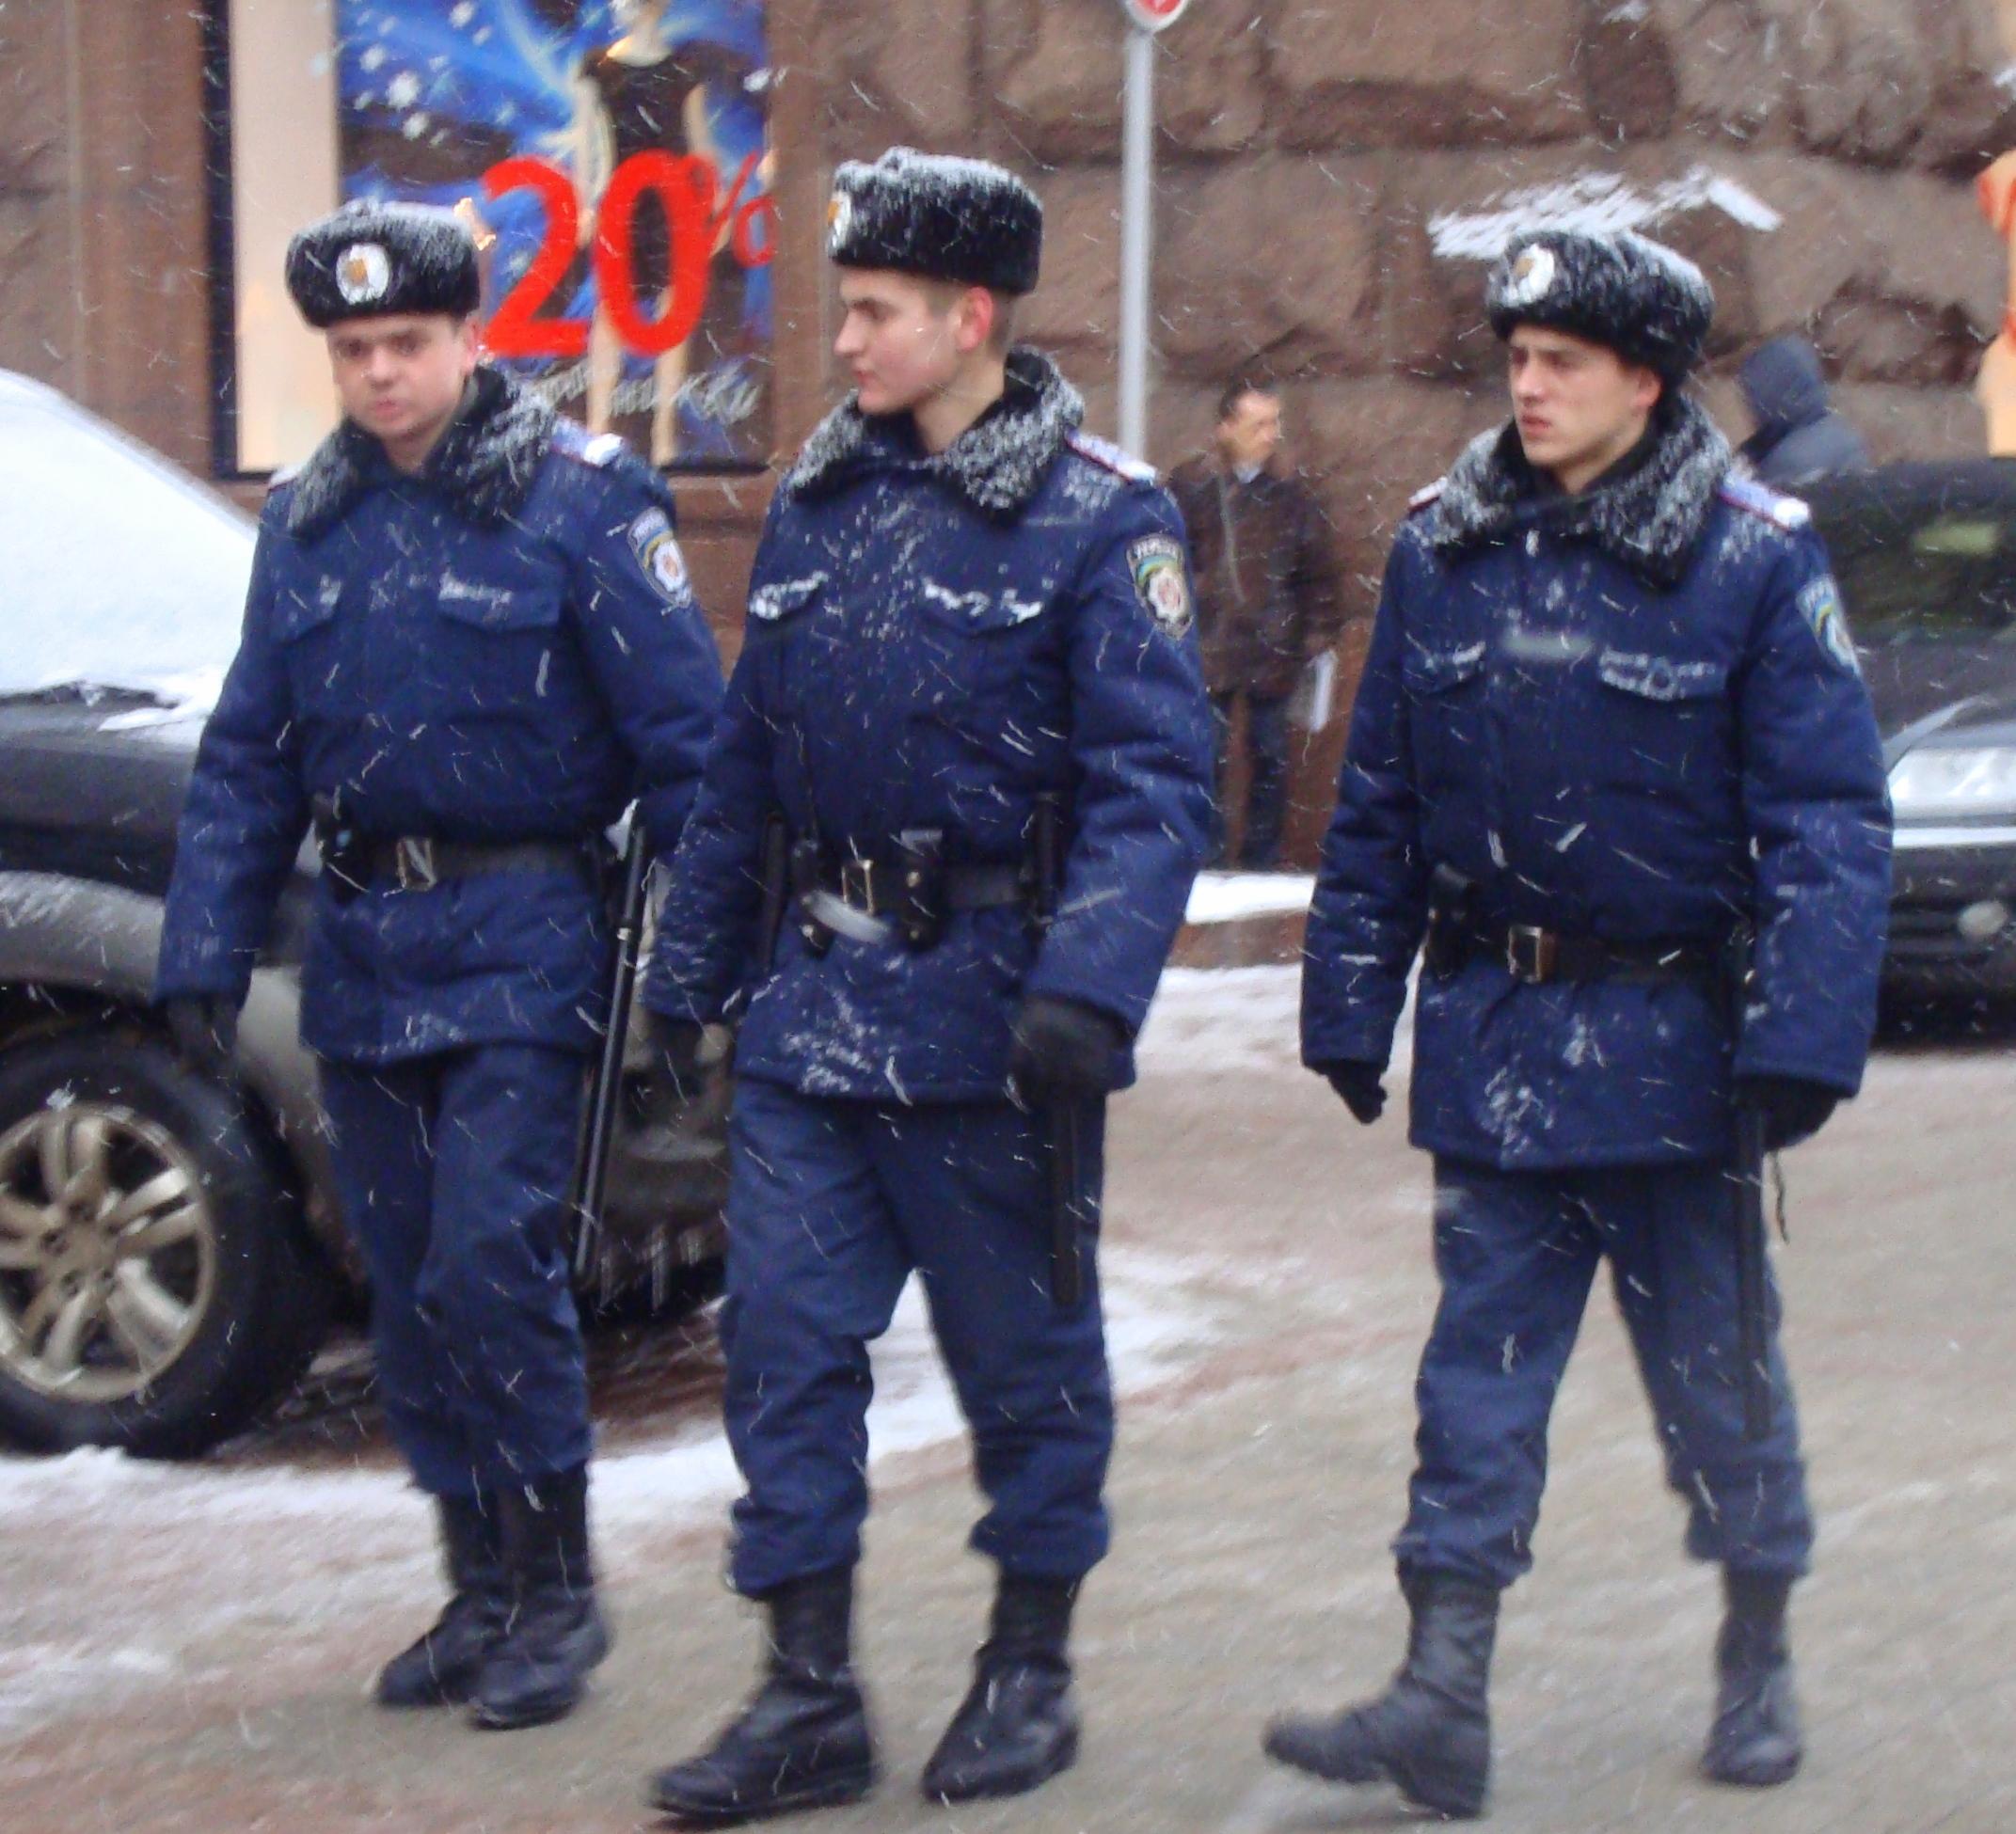 File:Ukrainian Policemen in central Kiev.jpg - Wikimedia Commons